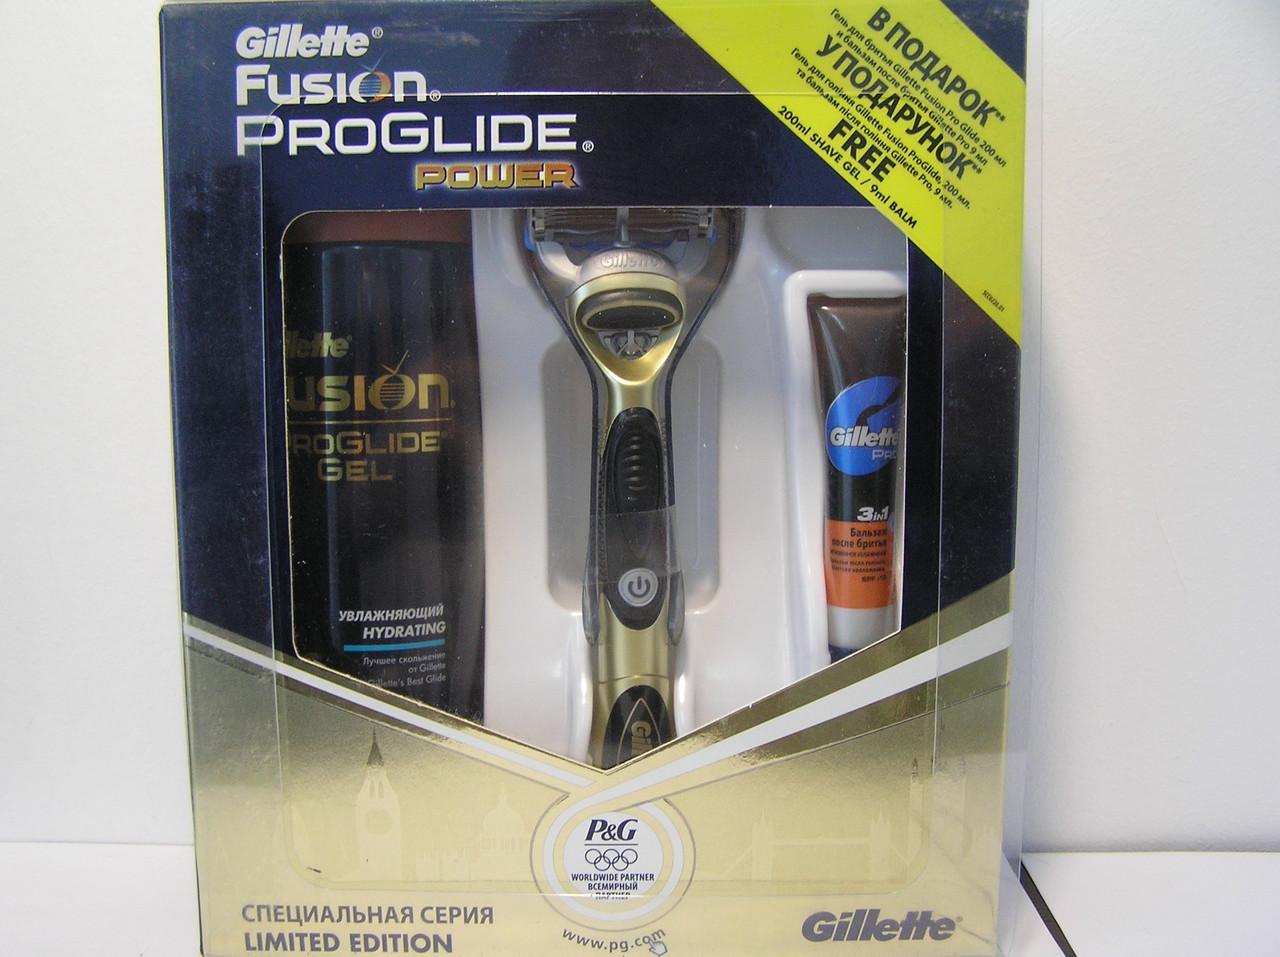 Набoр для бритья мужской Gillette Fusion Proglide Power (Станок + 1 кассета+Гель увлажняющий 200 мл.+ Бальзам)